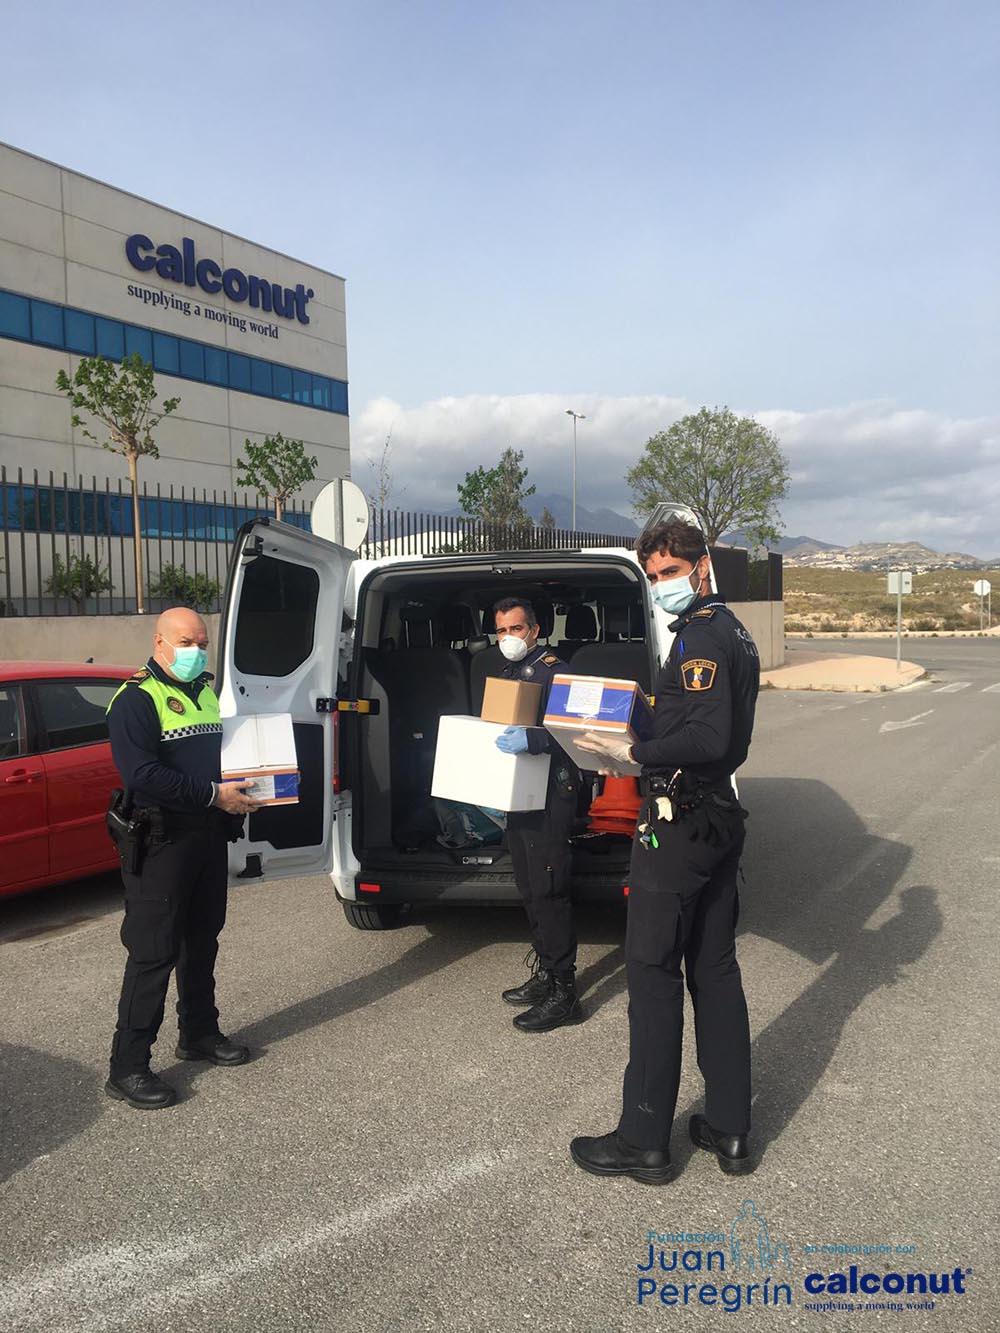 policia-local-de-alicante-coronavirus-donacion-cuerpos-de-seguridad-españa-covid19